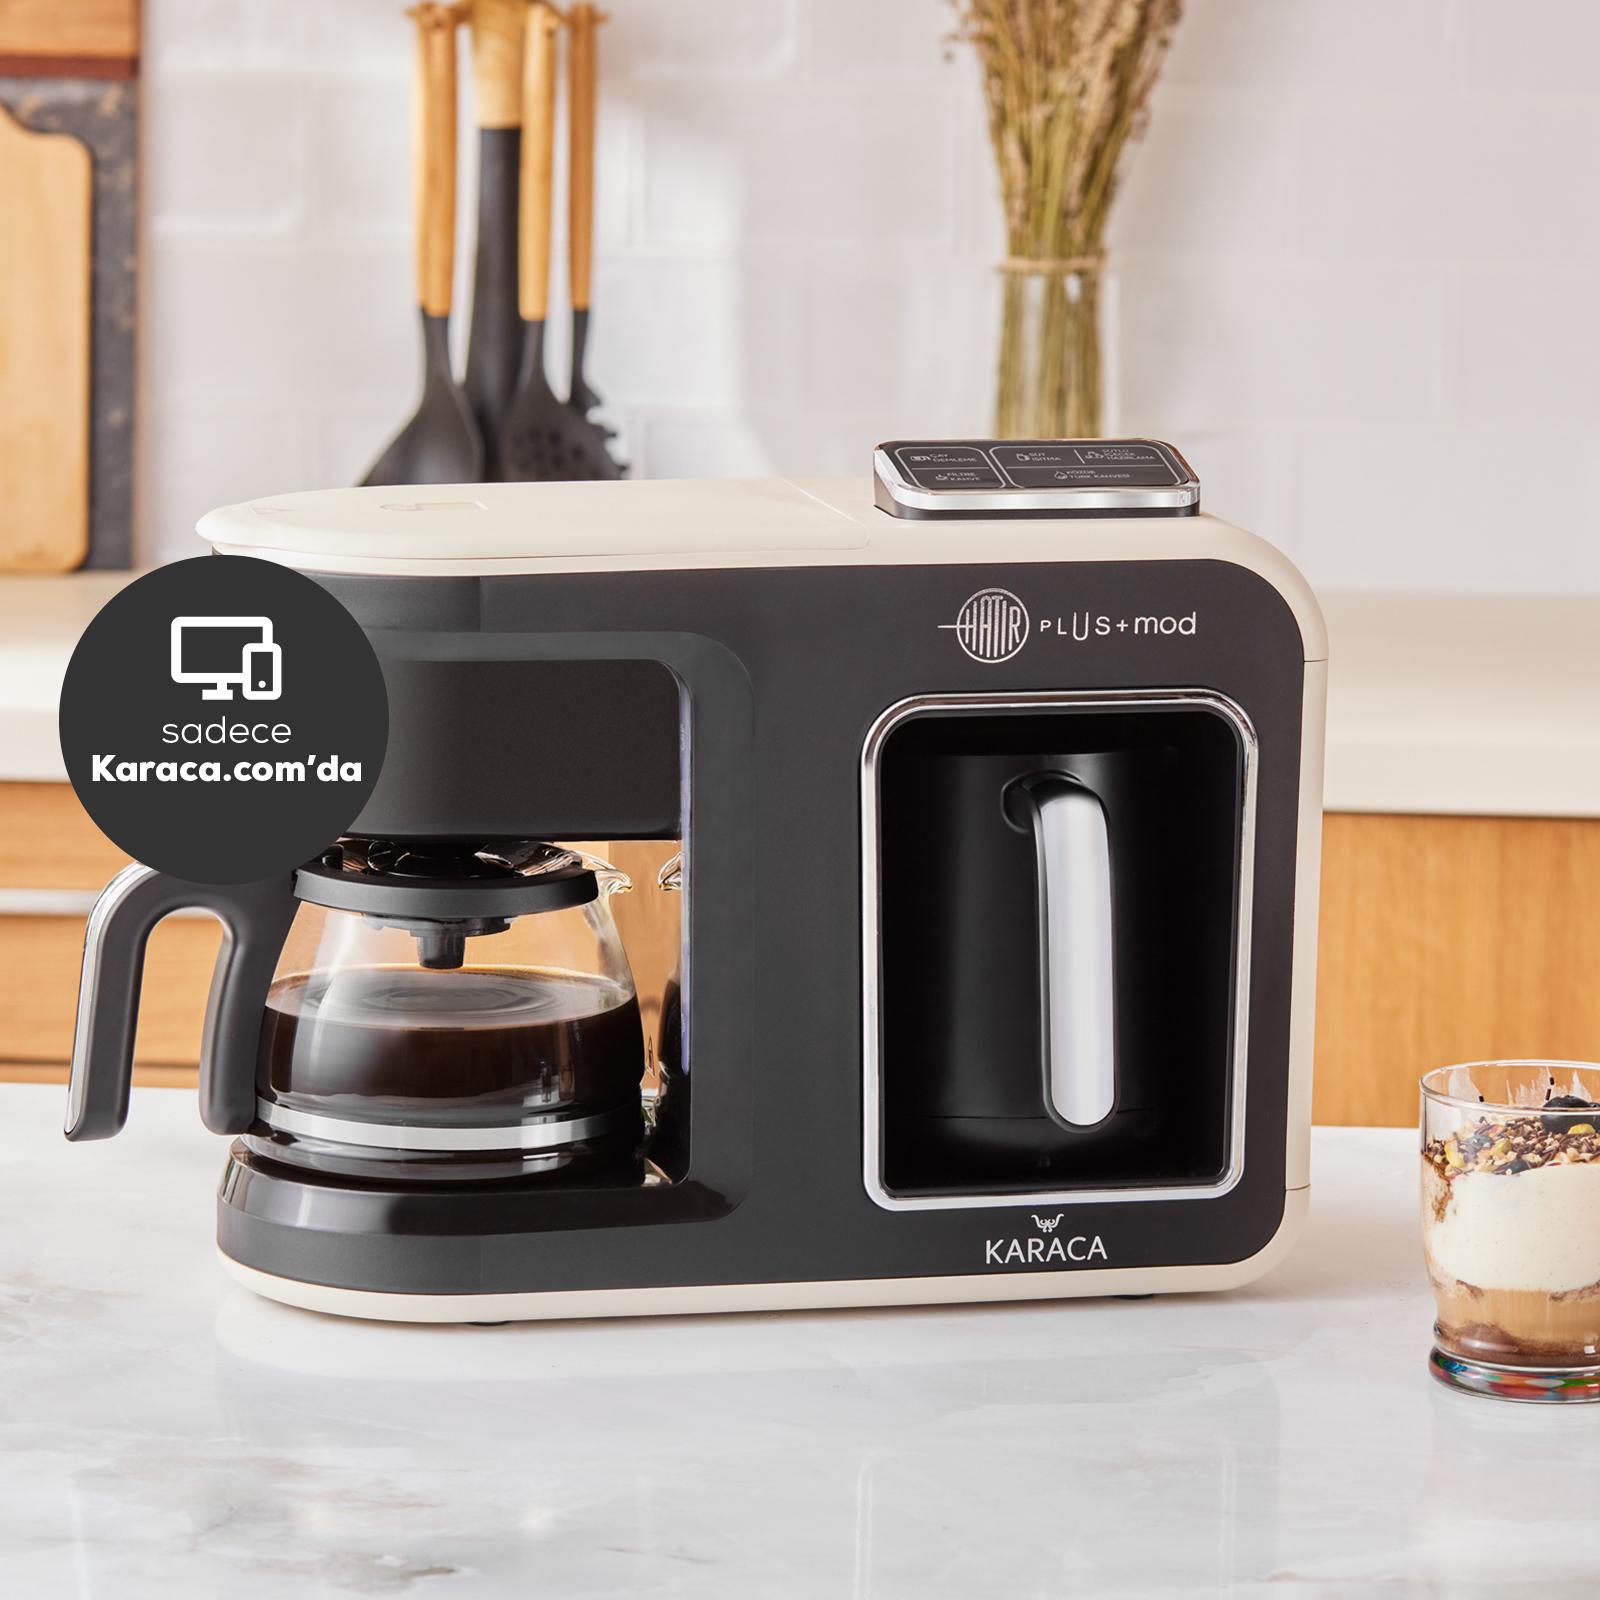 Karaca Hatır Plus Mod 5 in 1 Kahve Ve Çay Makinesi Krem